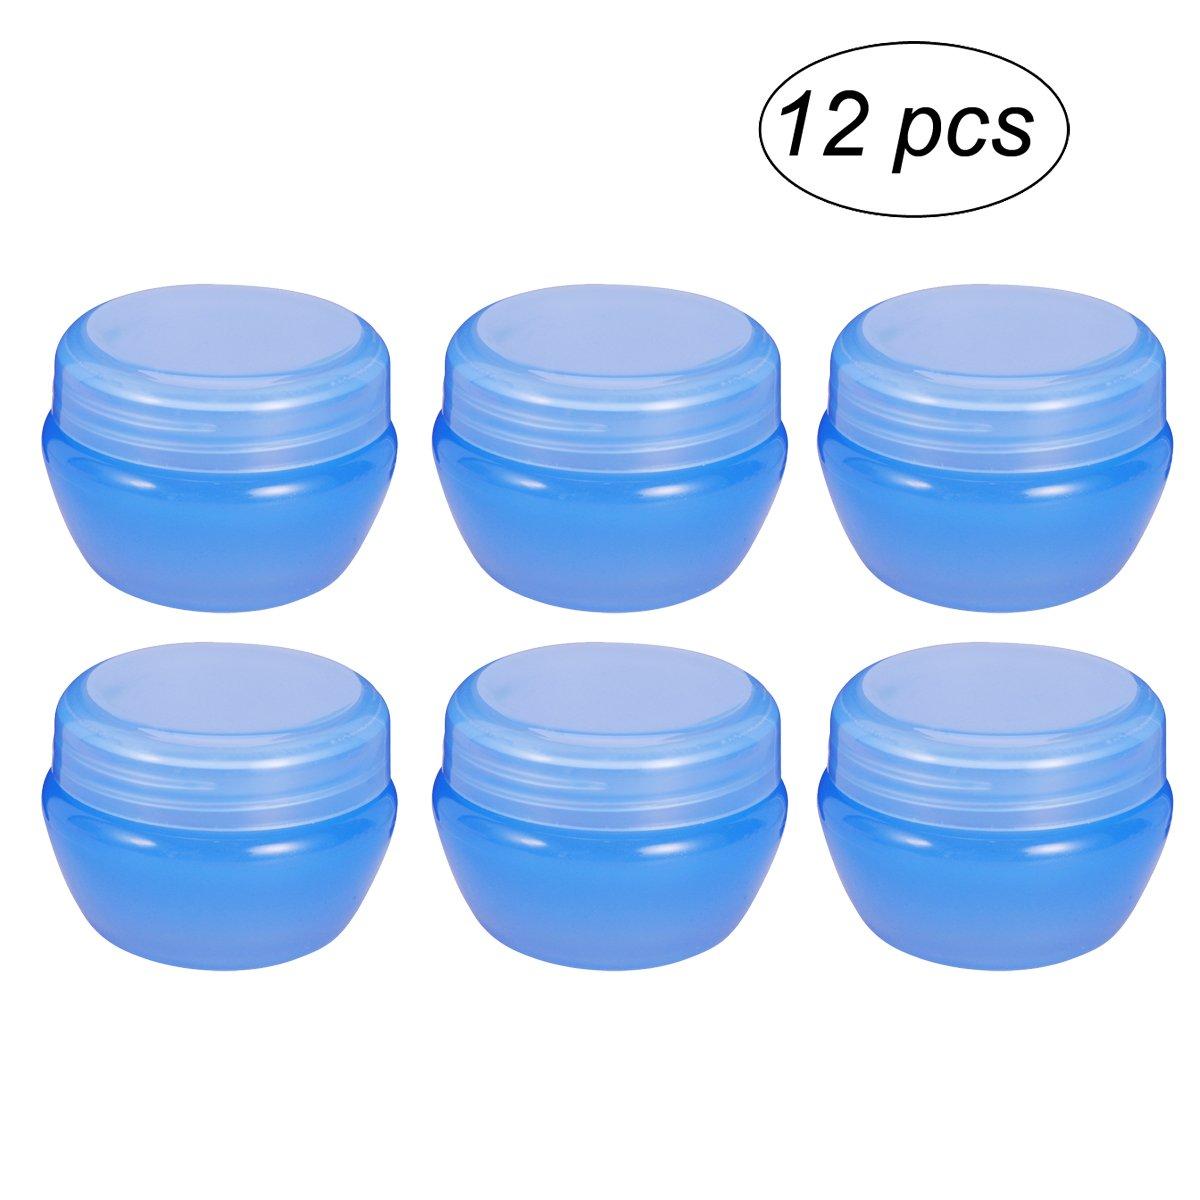 Frcolor Barattolo di crema di 20 contenitori di funghi di vaso di Gram con coperchio sigillato per cosmetici, creme, lozioni, oli essenziali 12 Pack (blu)